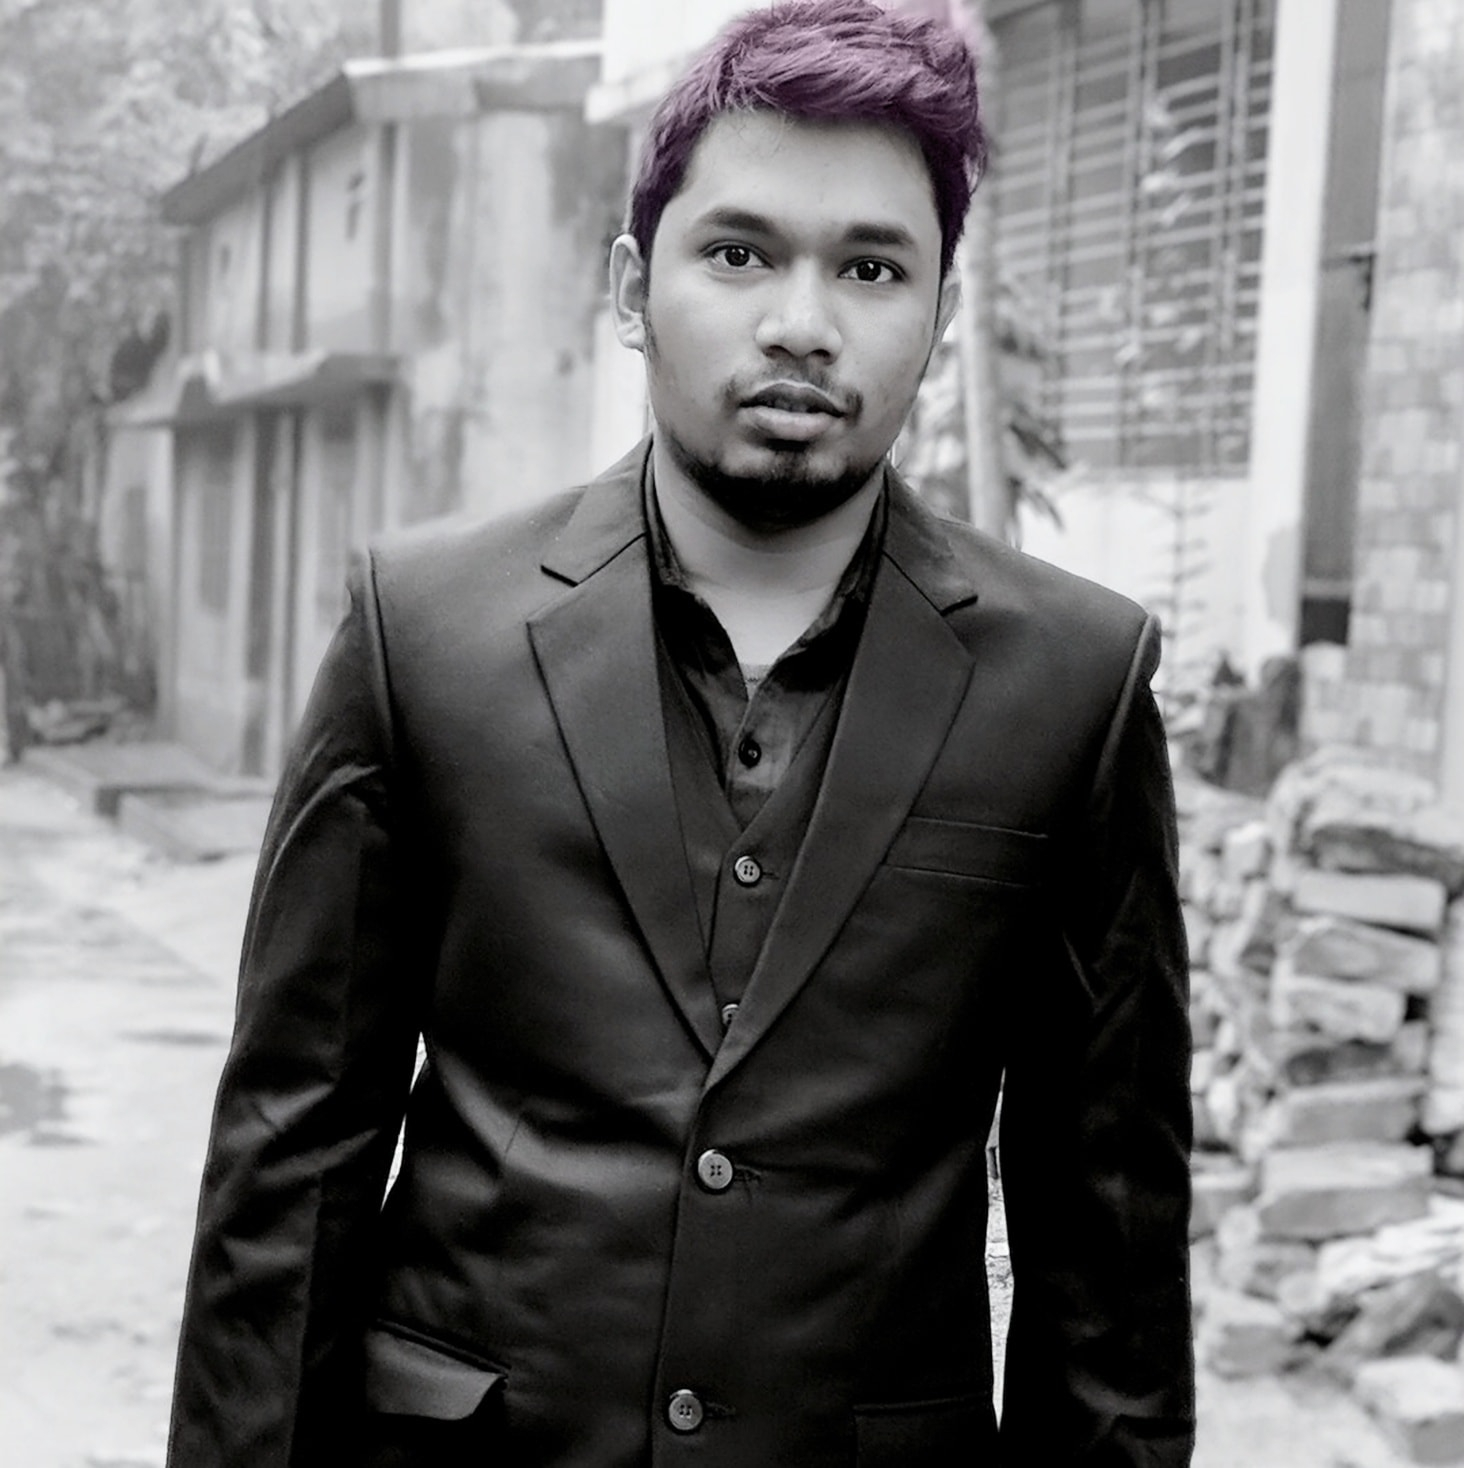 Md Rashed Hossain